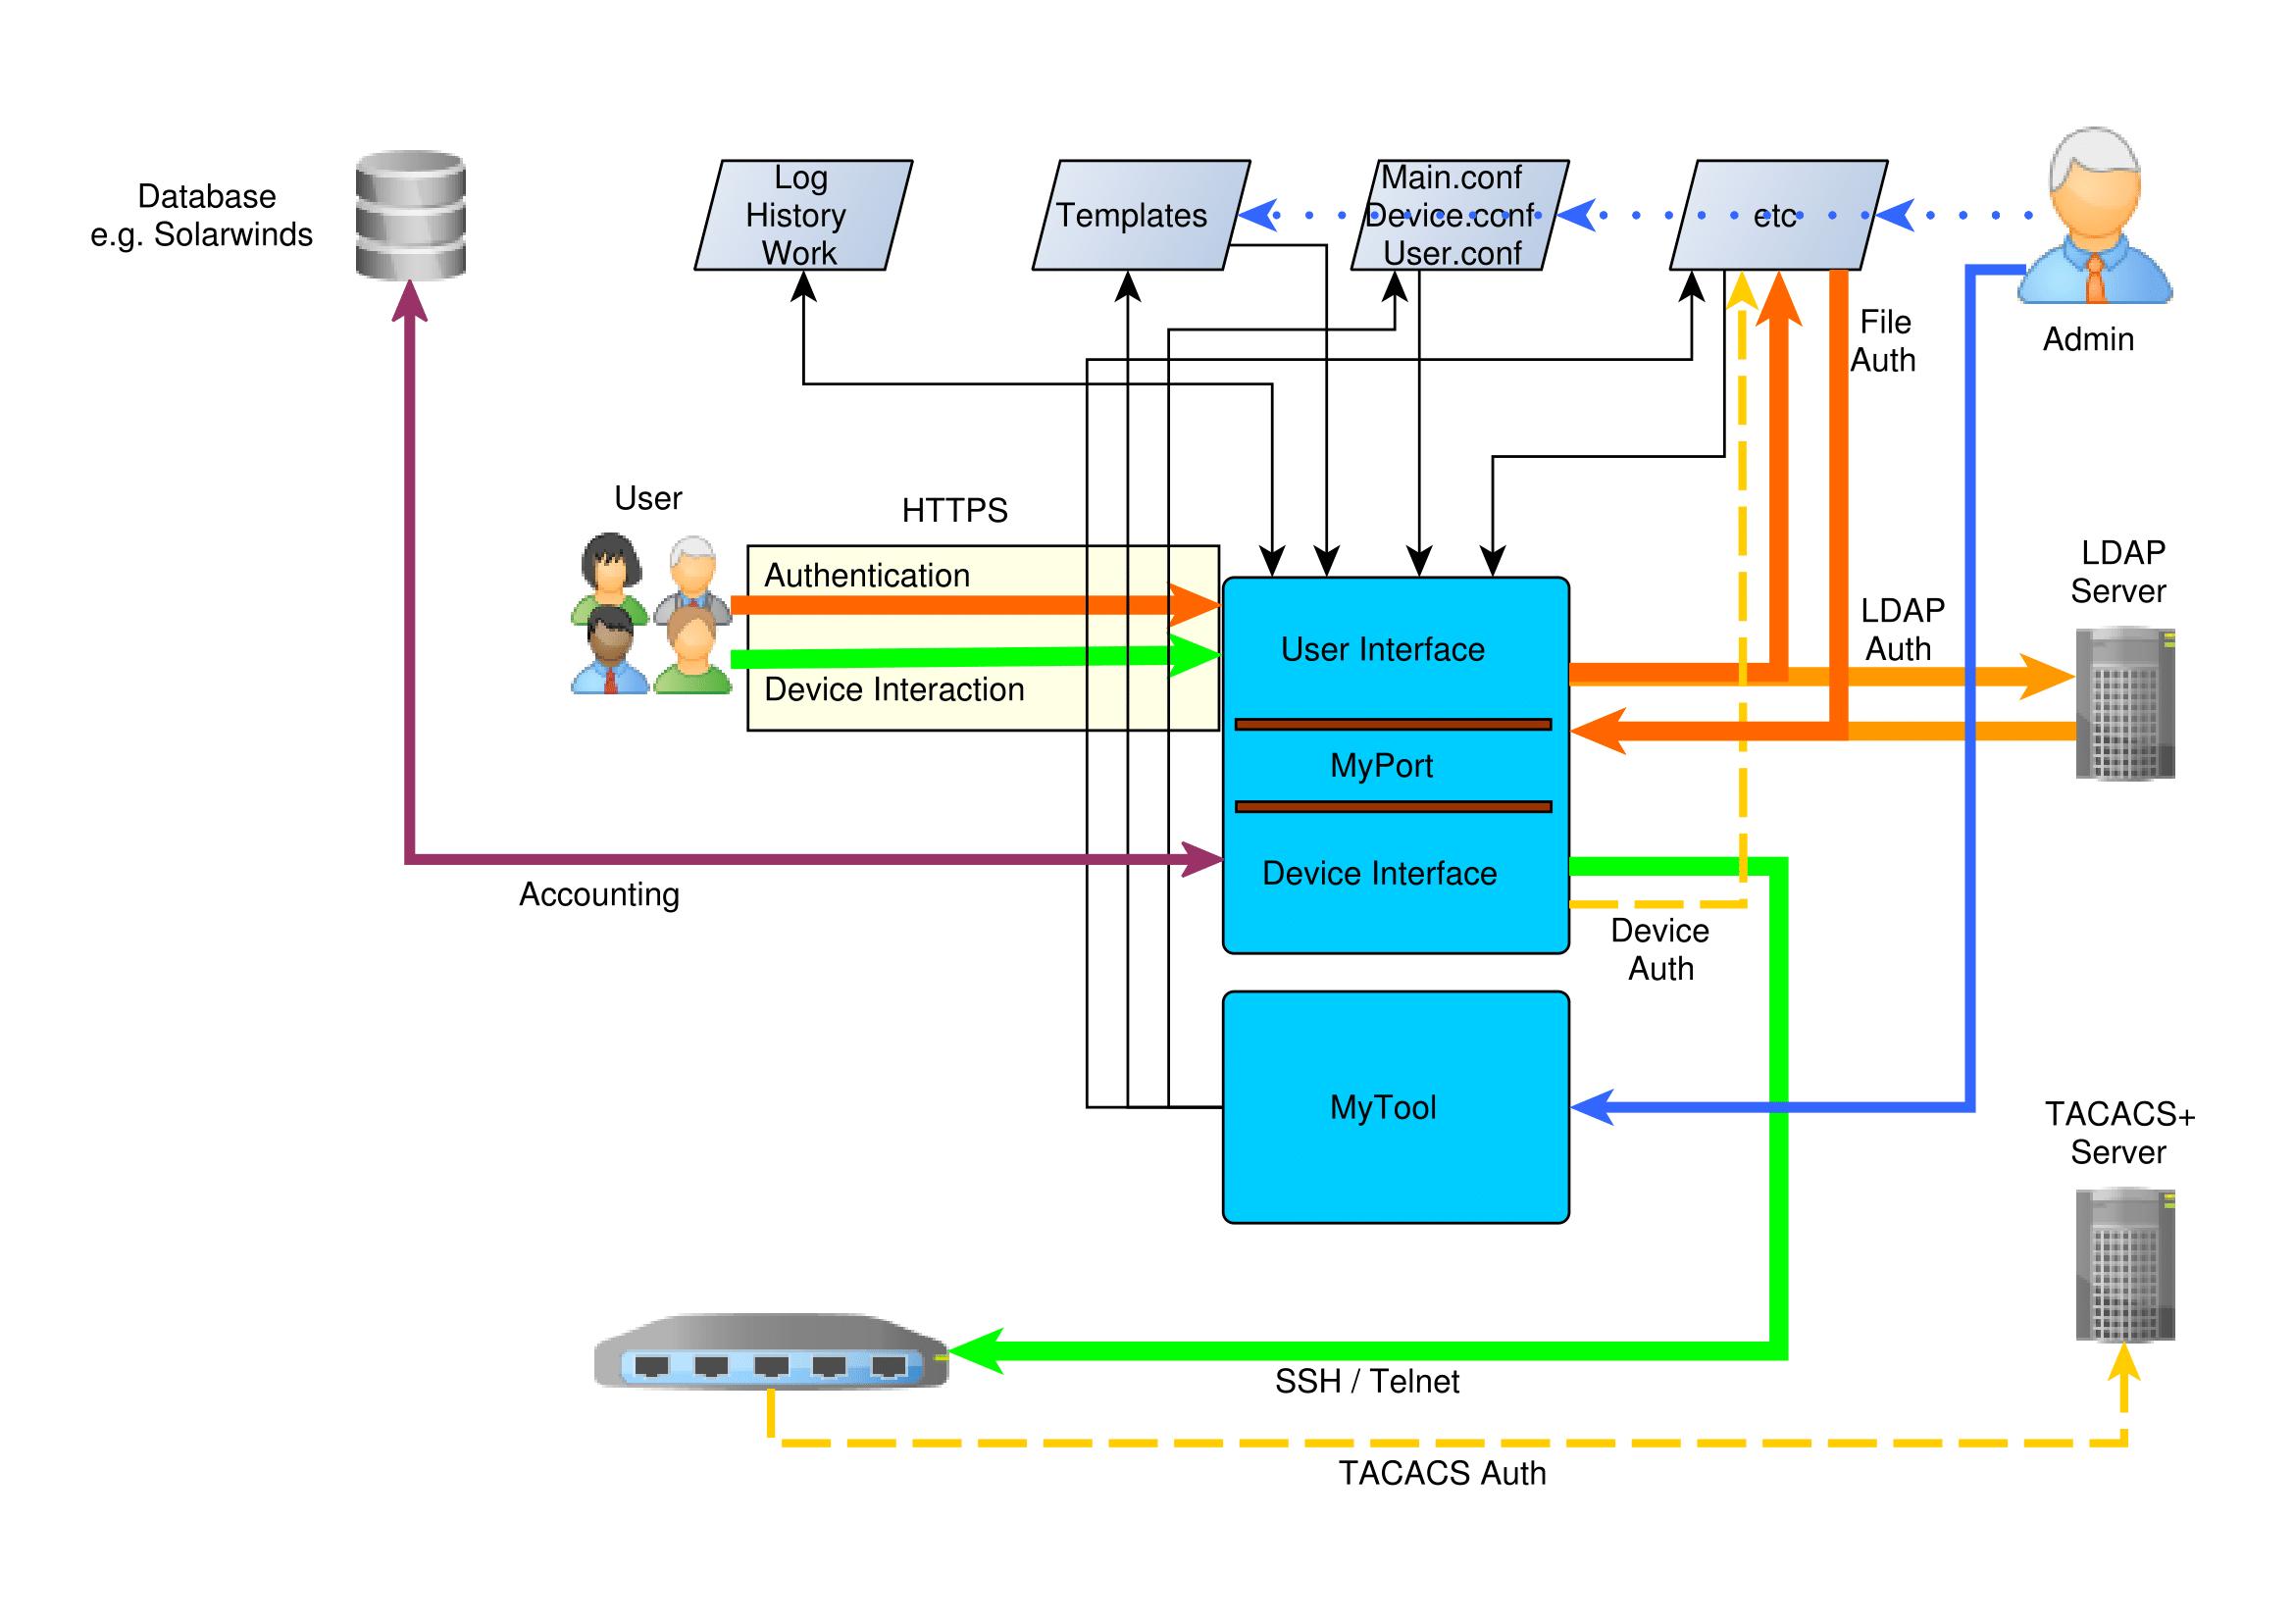 MyPort - Cisco Switch Port Management Software